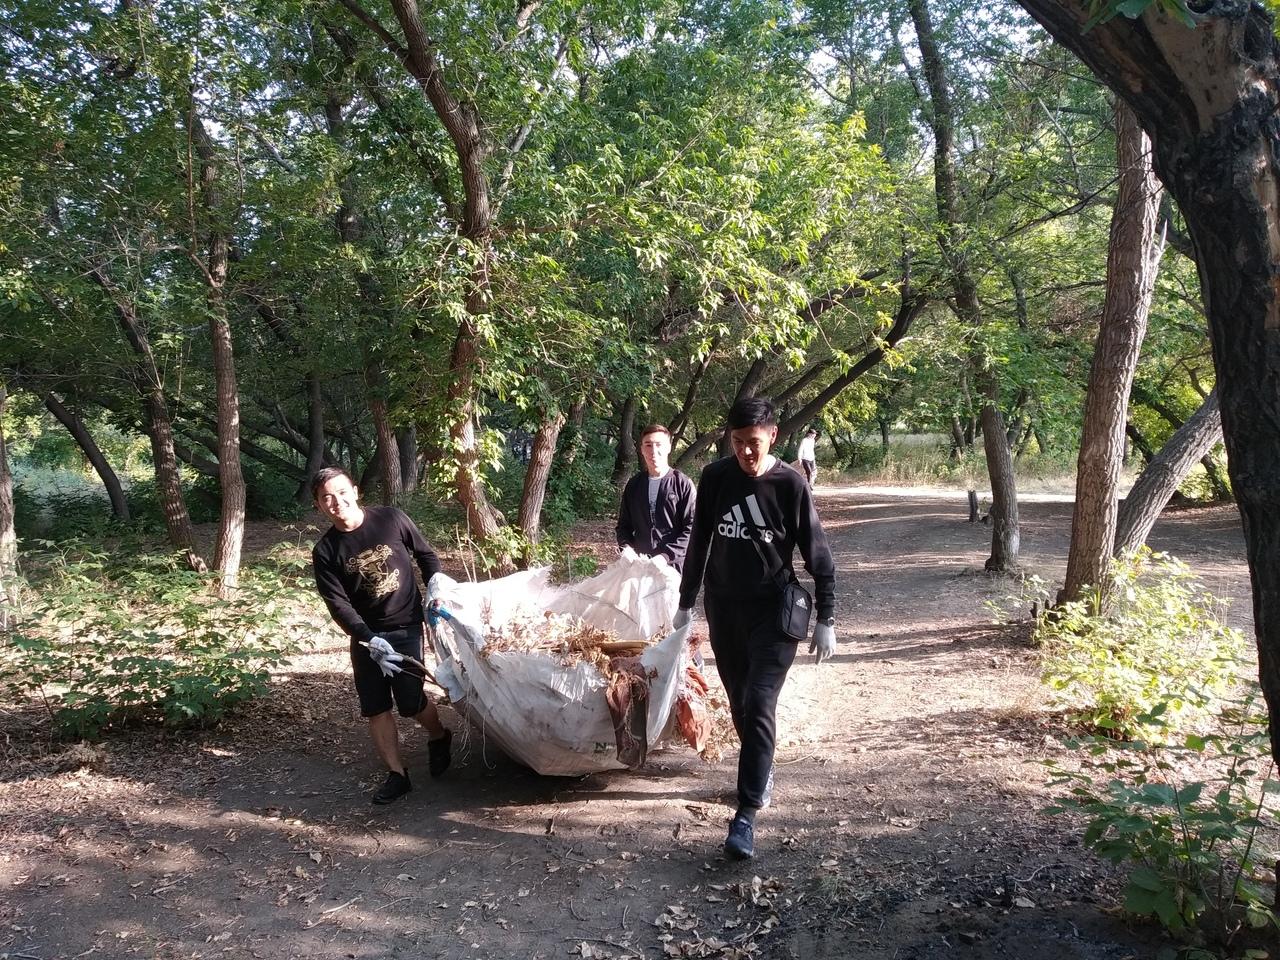 Убрать город и берега рек и водоемов приглашают жителей  Костанайской области